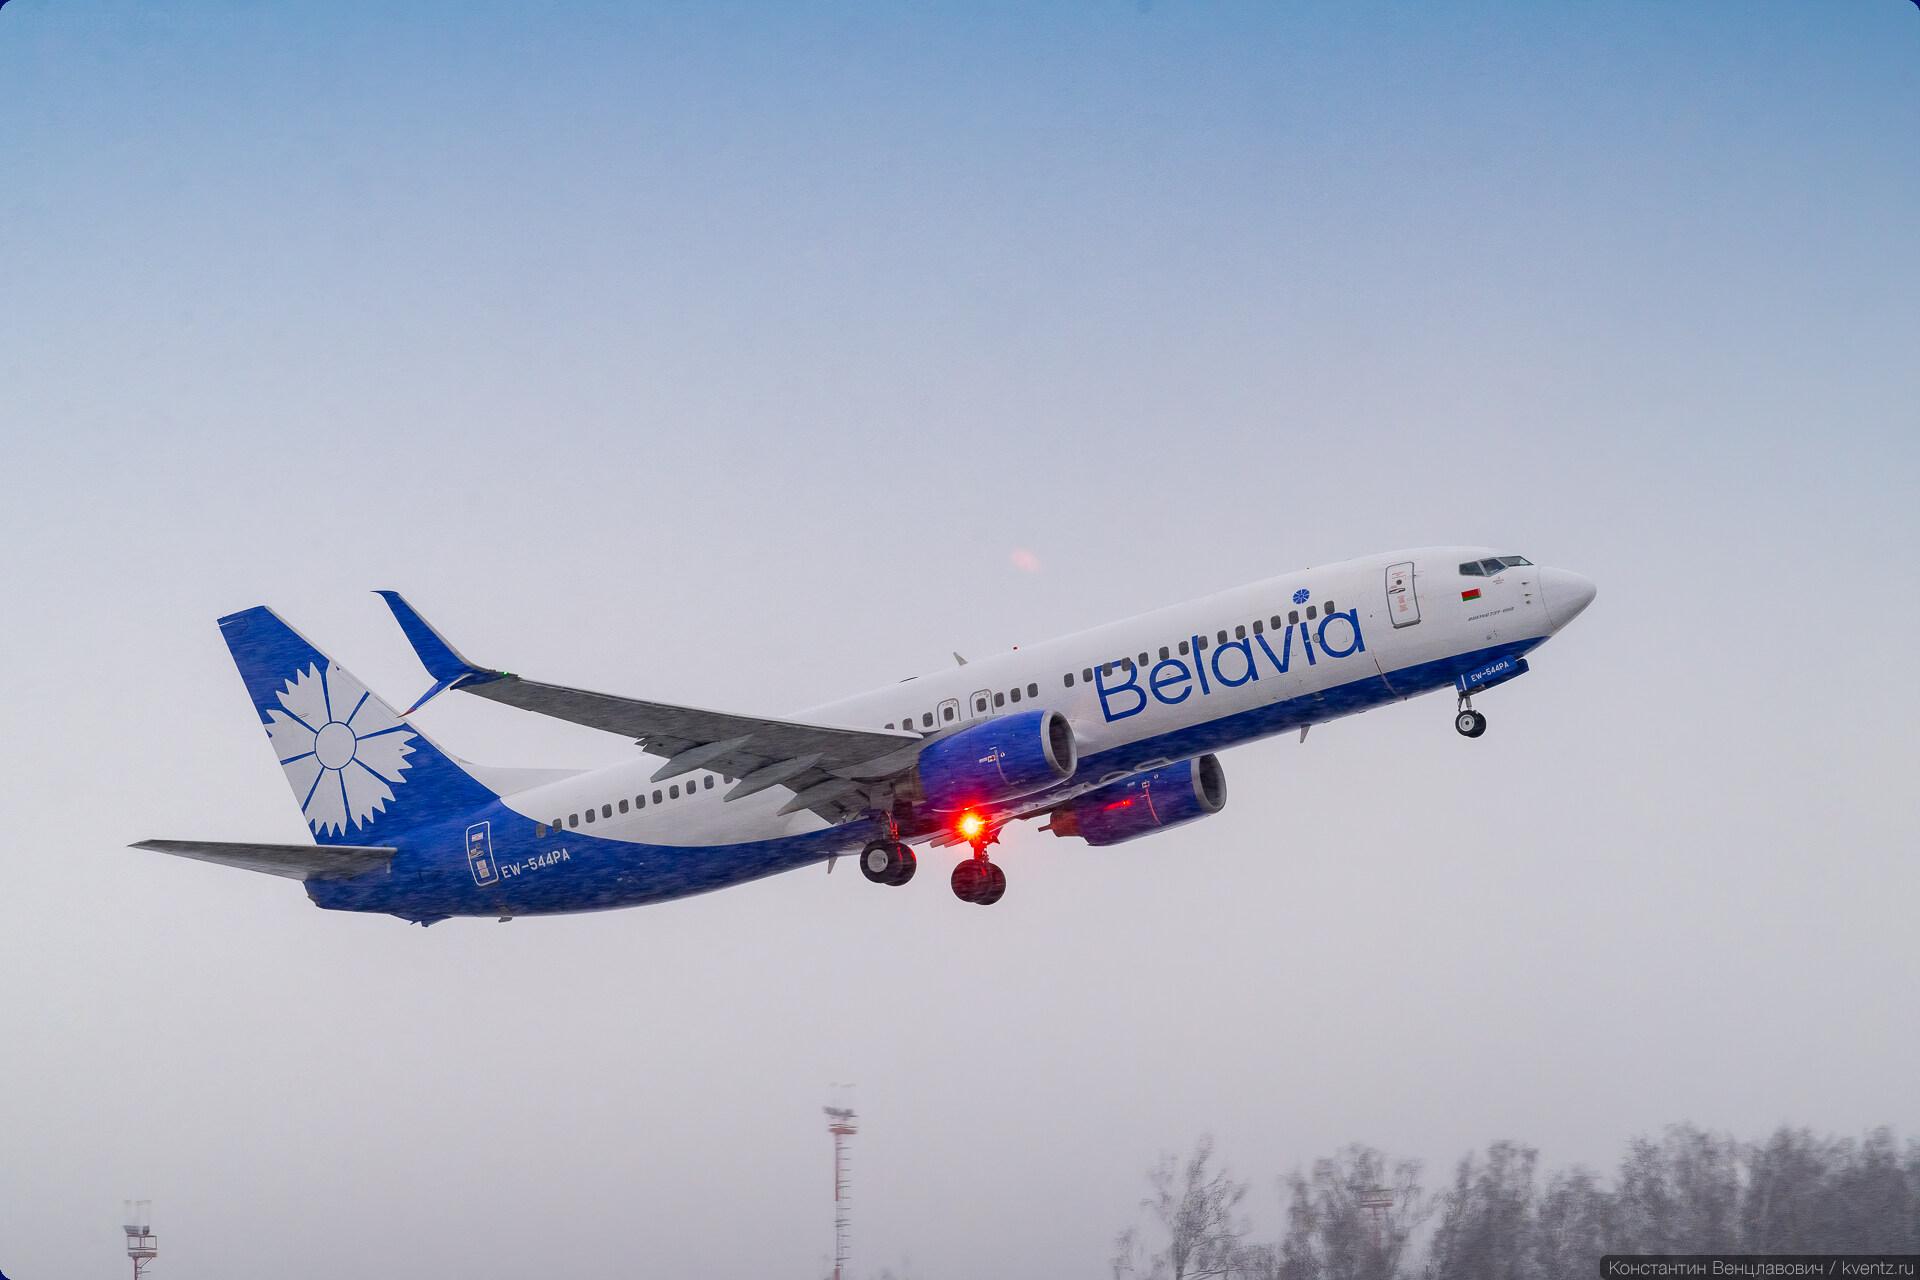 Boeing 737-800 EW-544PA.